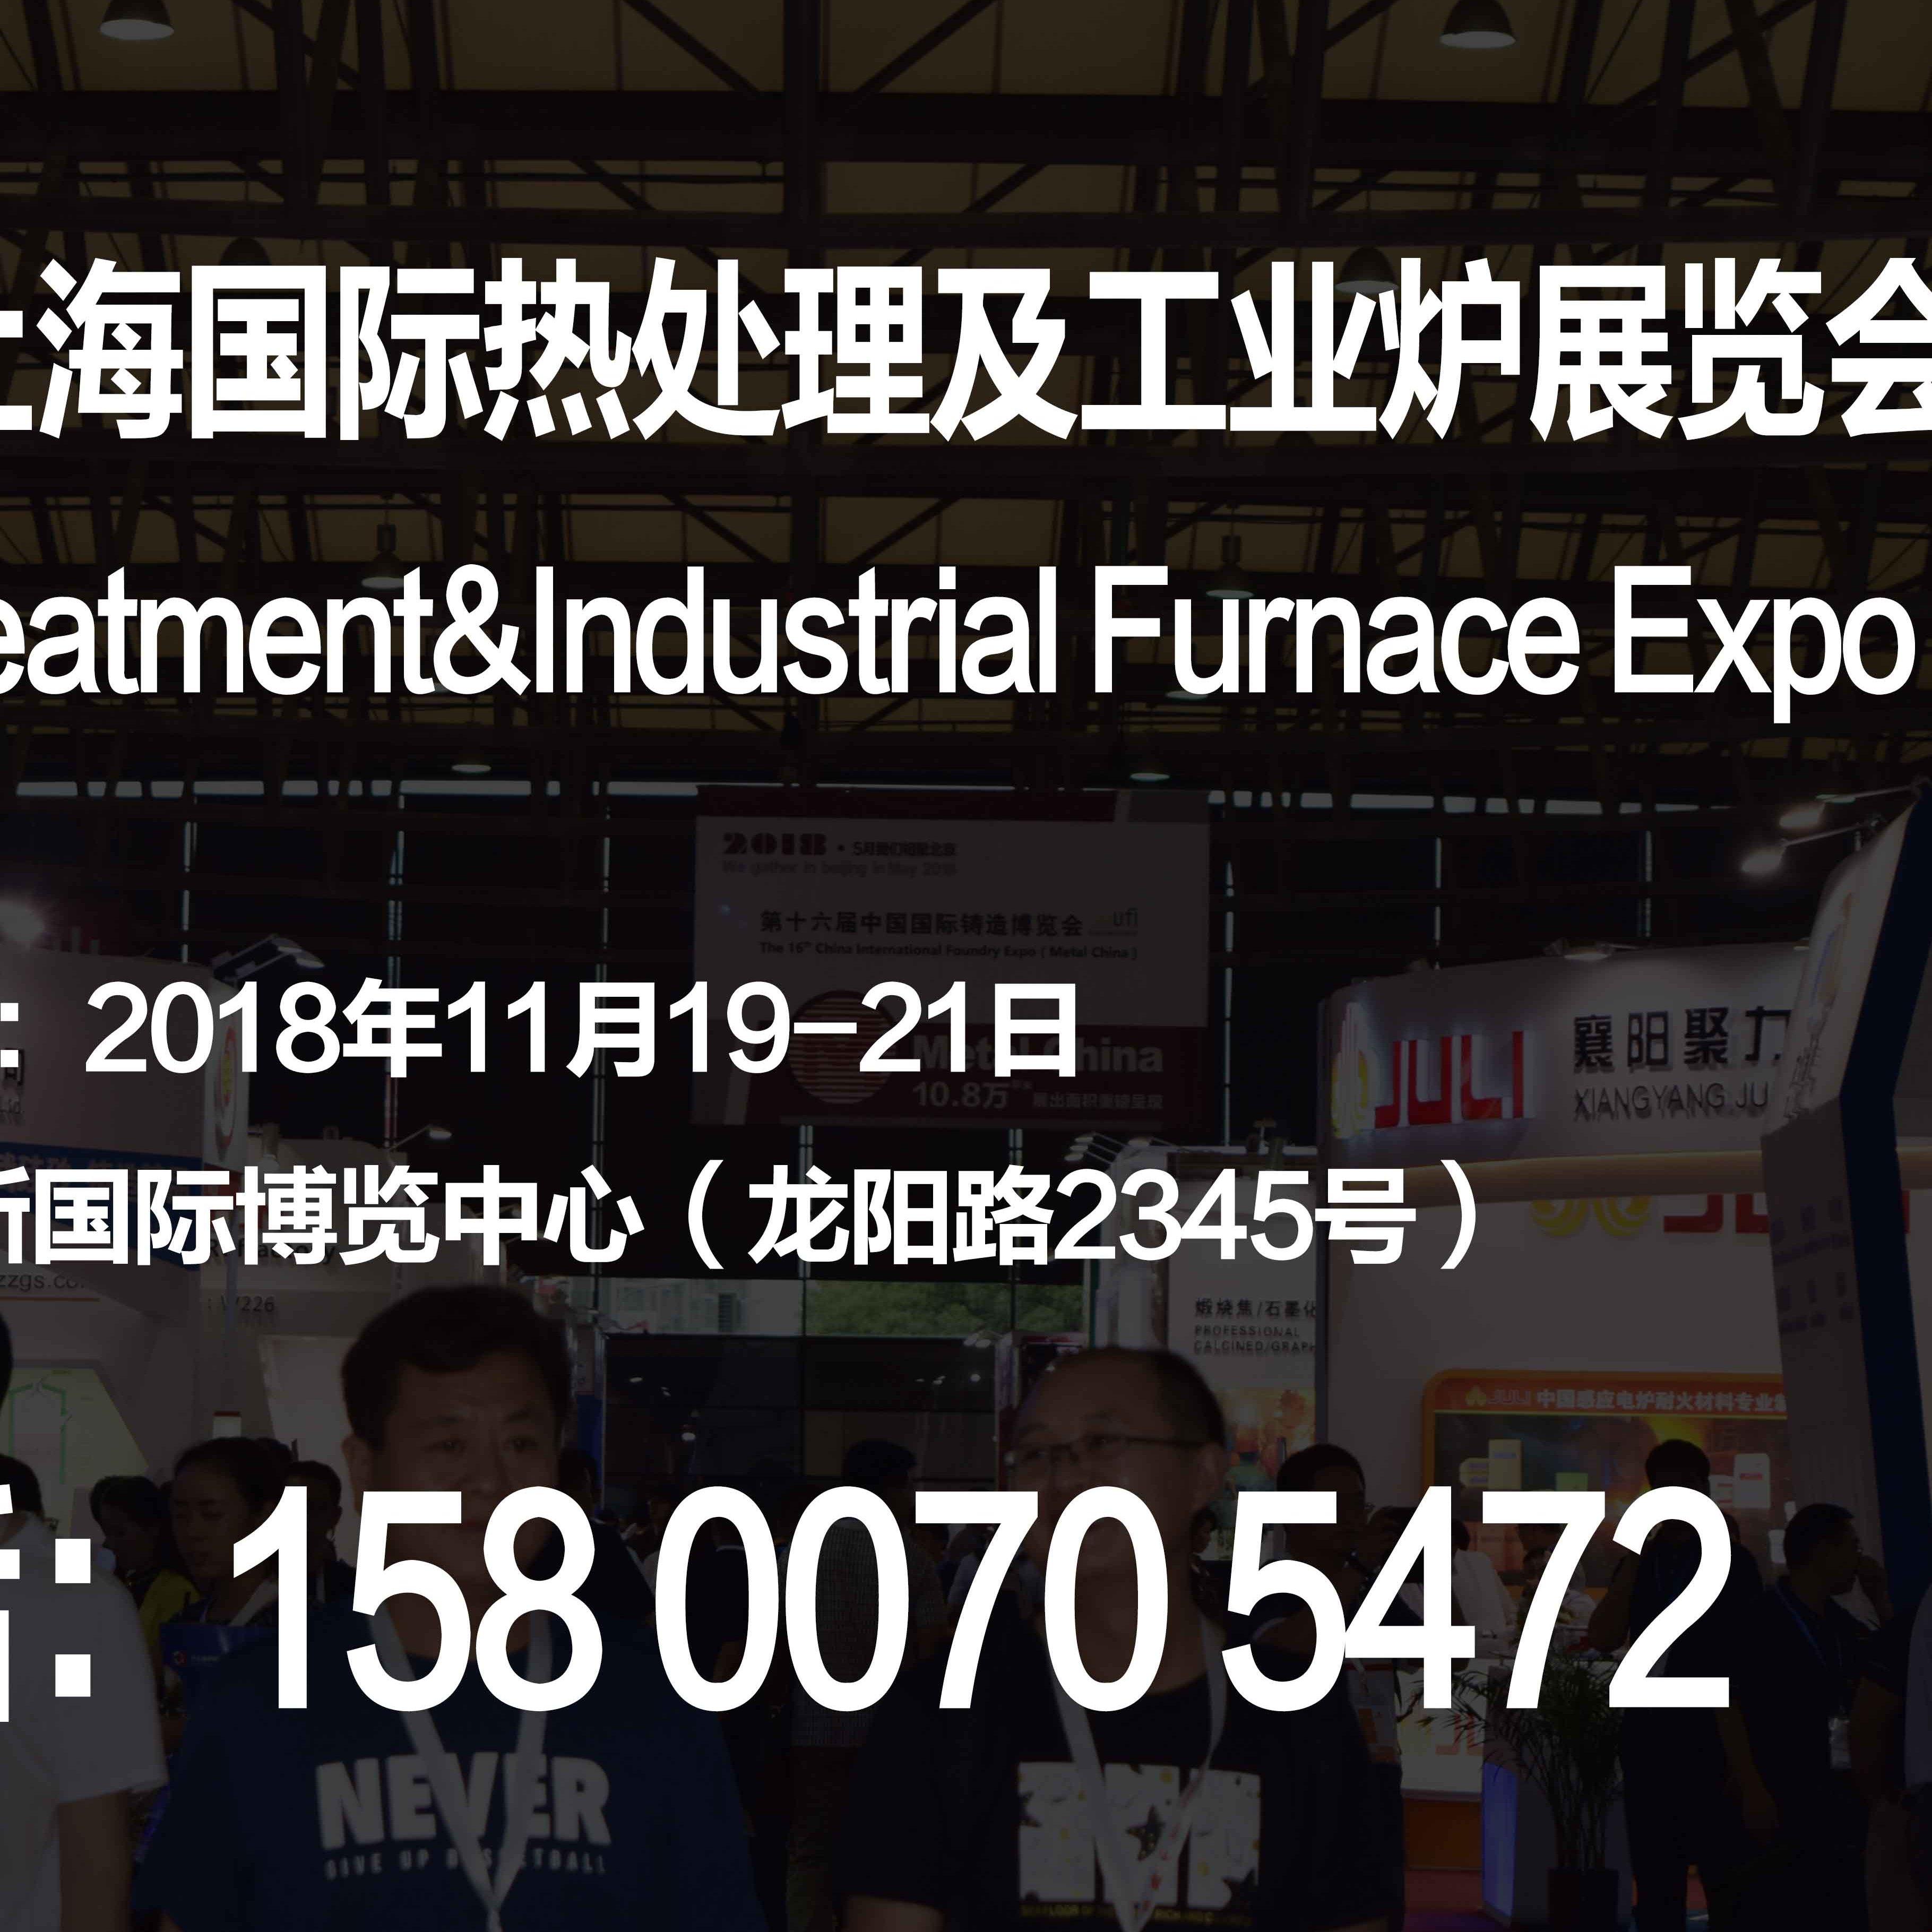 【2018上海热处理工业炉展】第十四届上海国际热处理及工业炉展览会